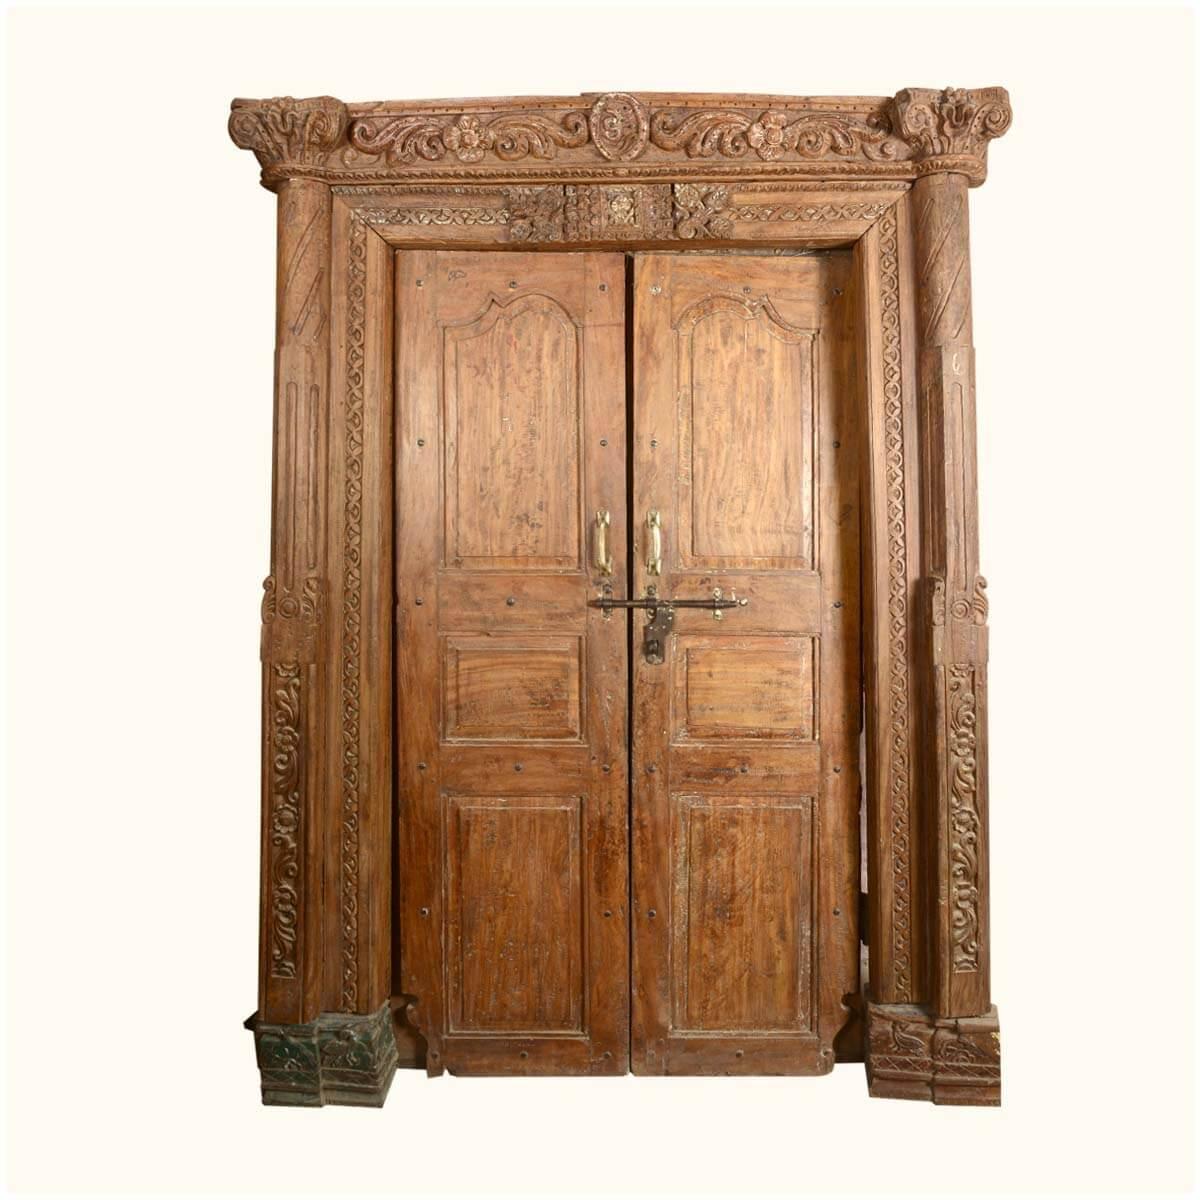 Elizabethan Hand Carved Solid Teak Double Doors Amp Casing Frame